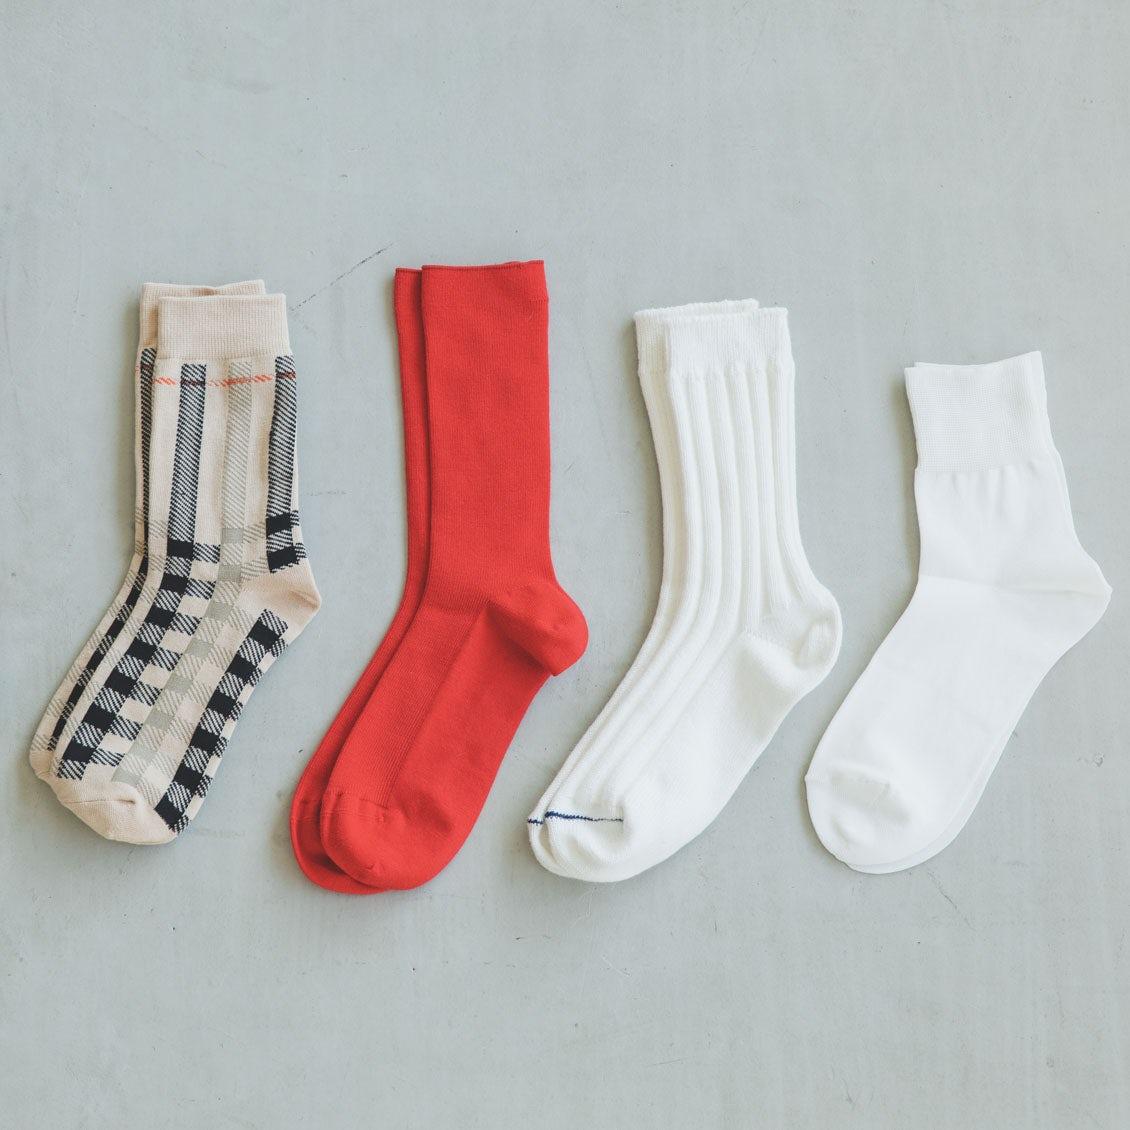 【まとめ】スタイリストに聞いた!おしゃれに見える、大人の靴下選びって?